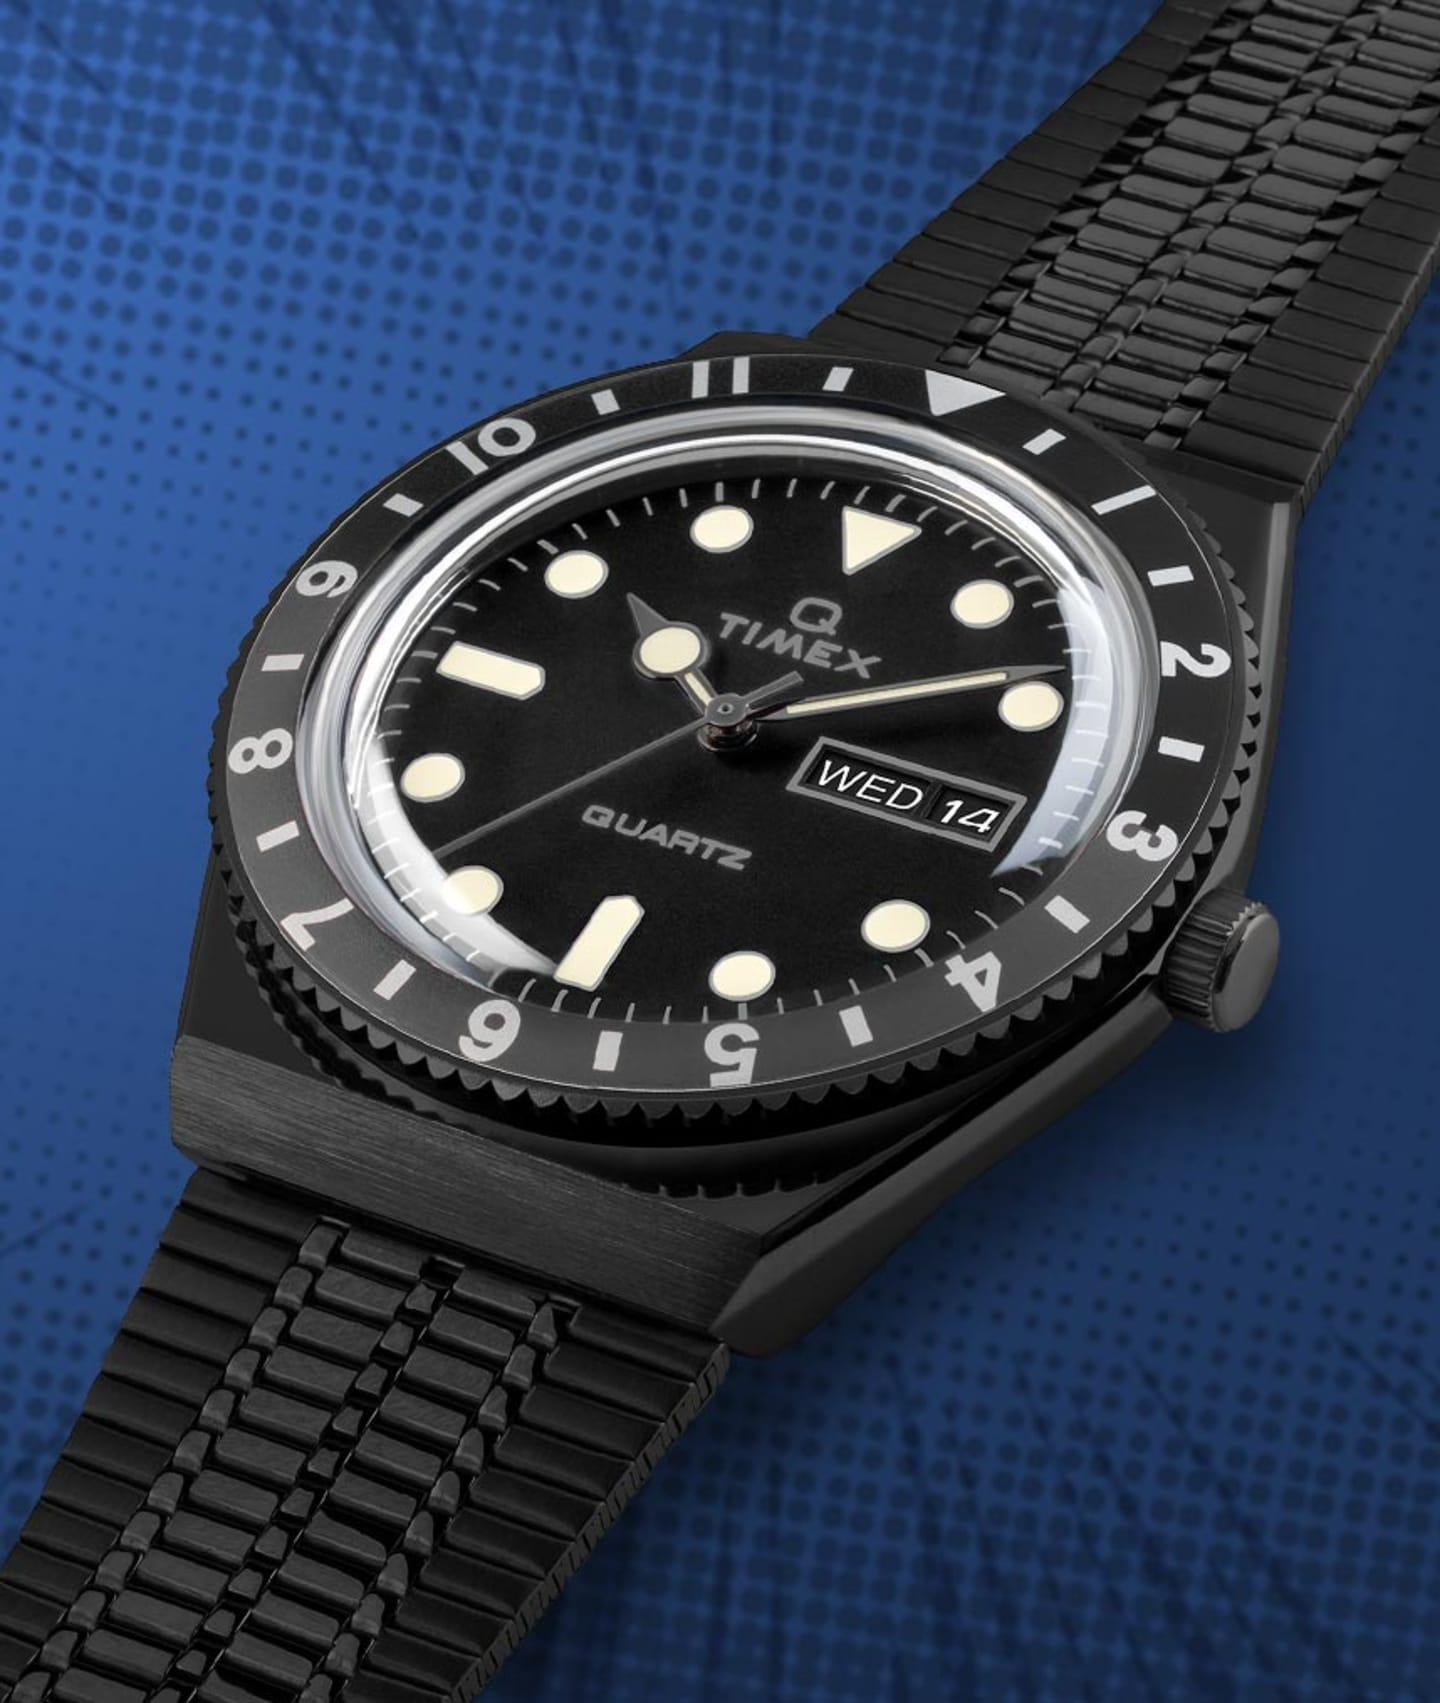 Q Colors Black Watch.